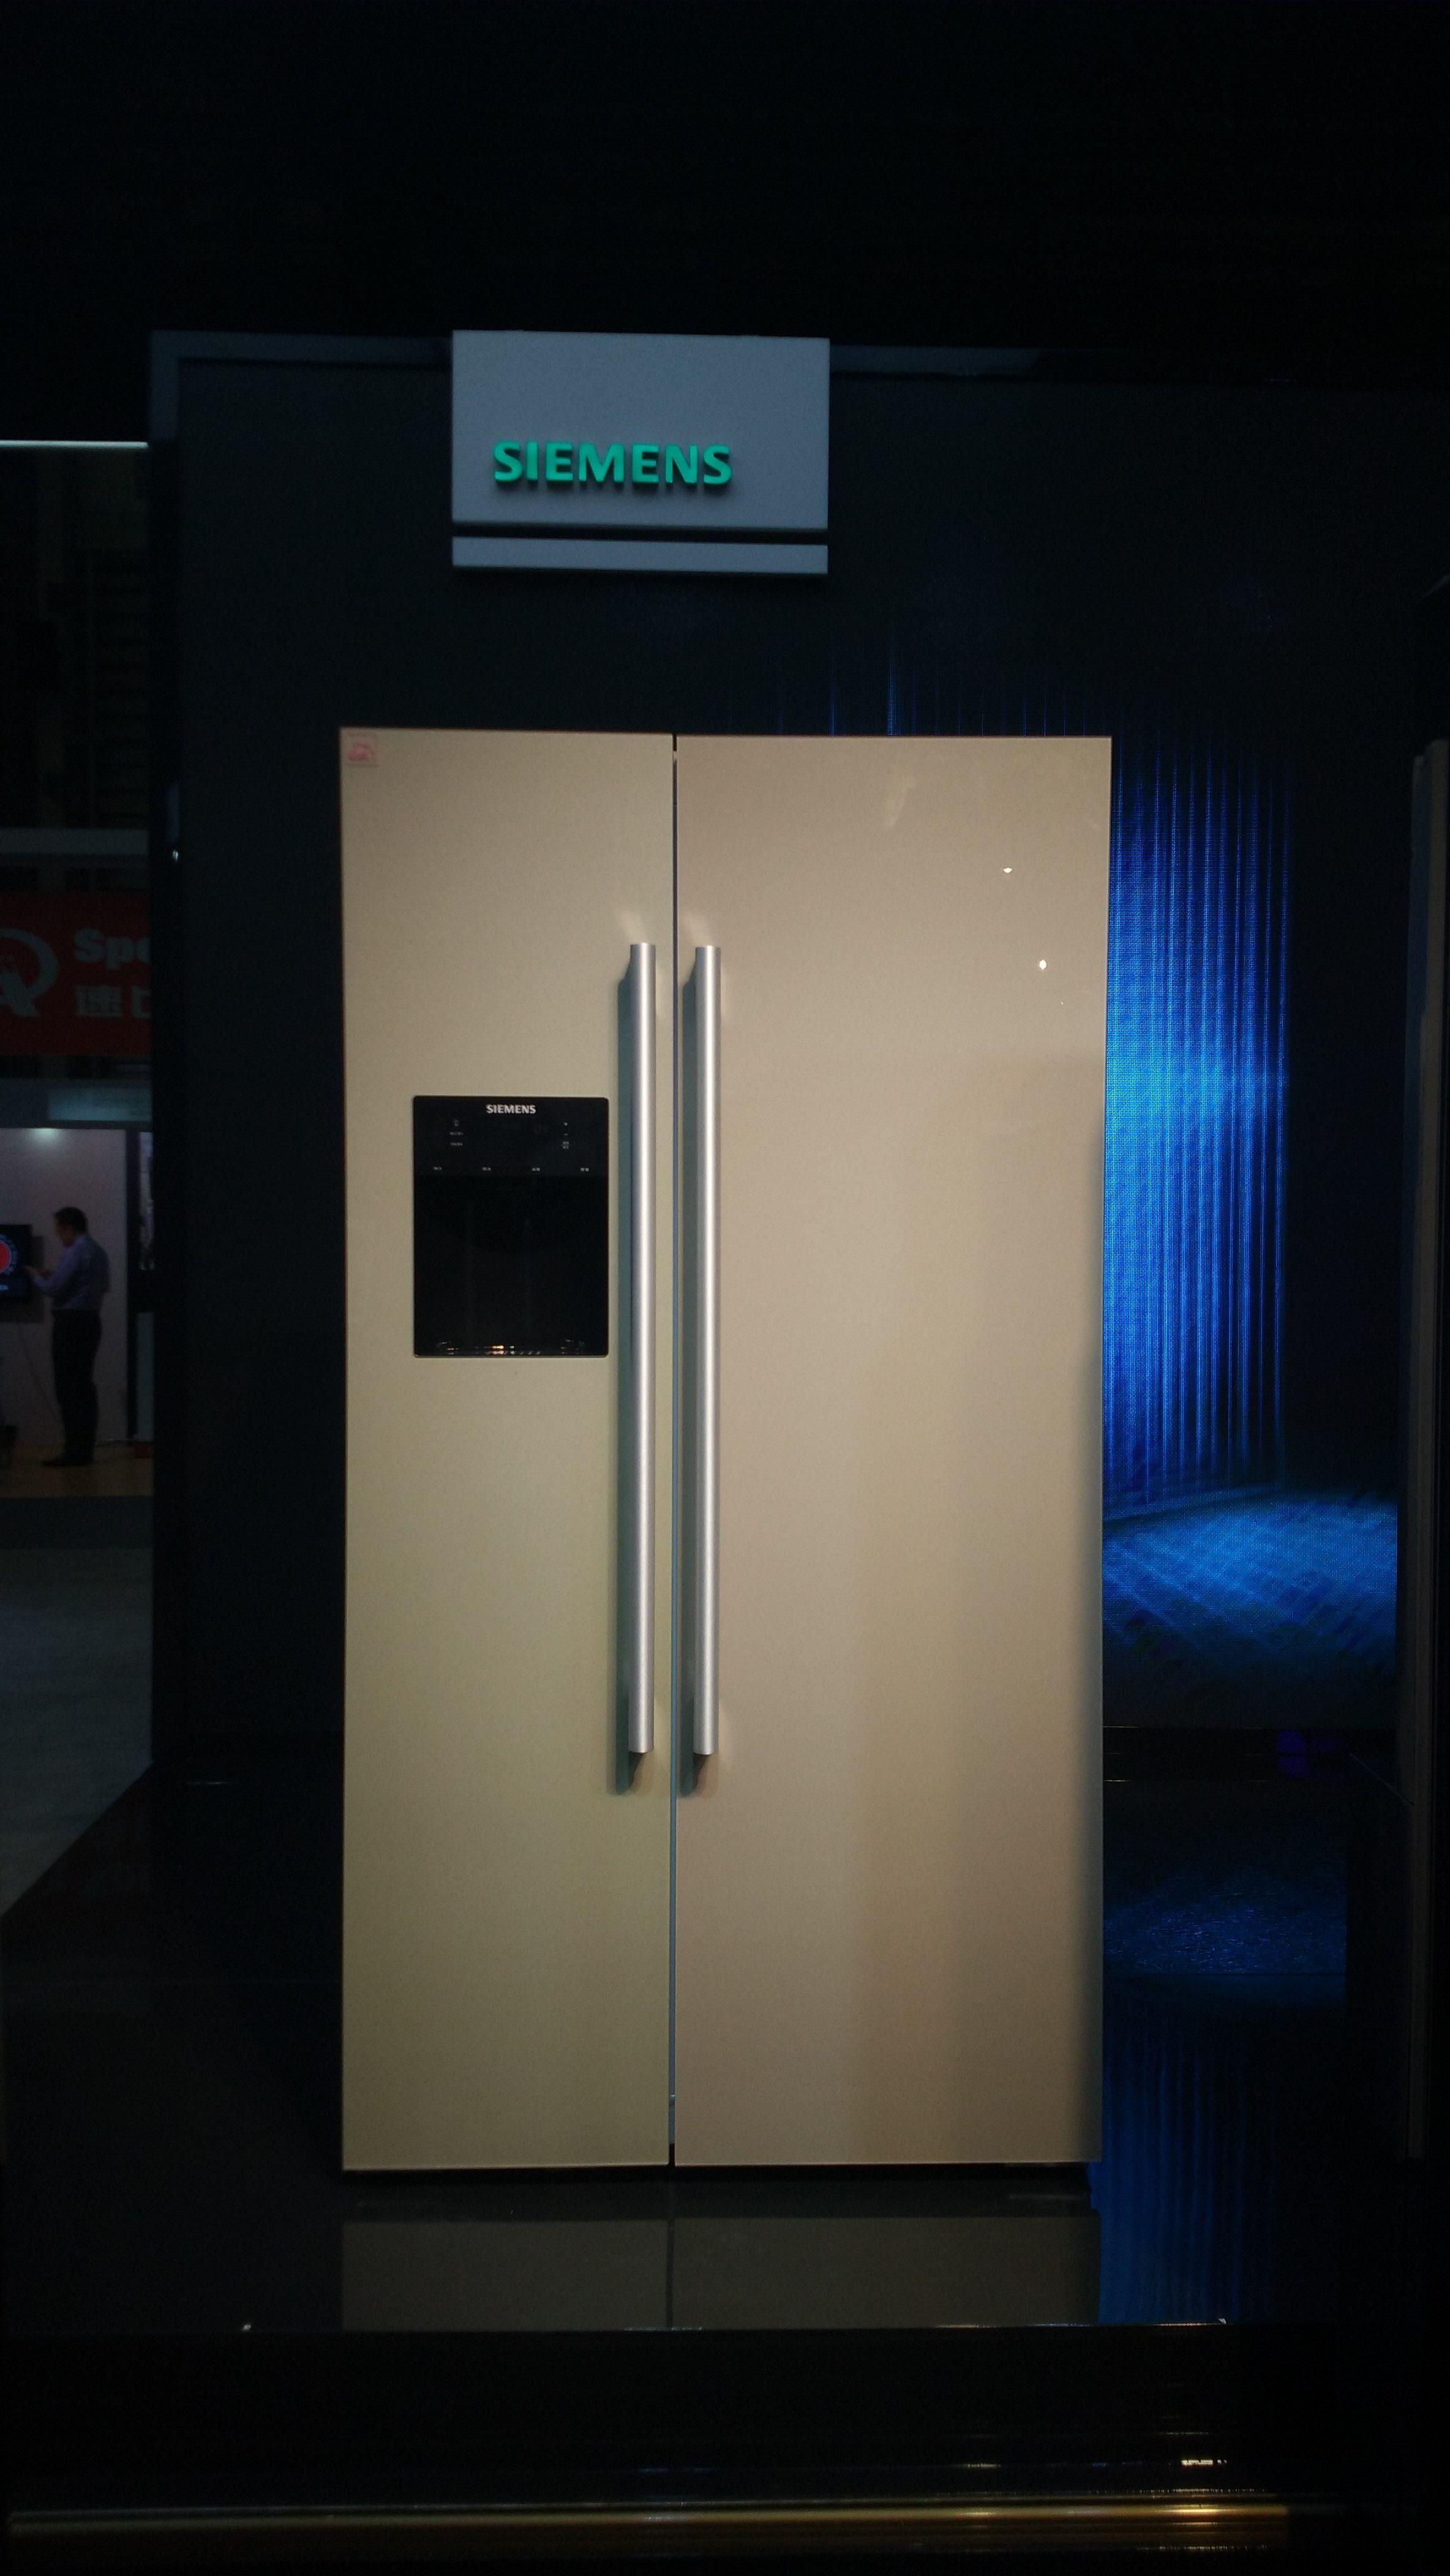 冰箱关门的过程中,两只摄像头将同步拍摄照片,及时捕捉冷藏室中的食材存储情况。随后拍摄的图像中自动上传到服务器。随后拍摄的图像将自动上传到服务器,用户通过家居互联应用程序轻松查看。